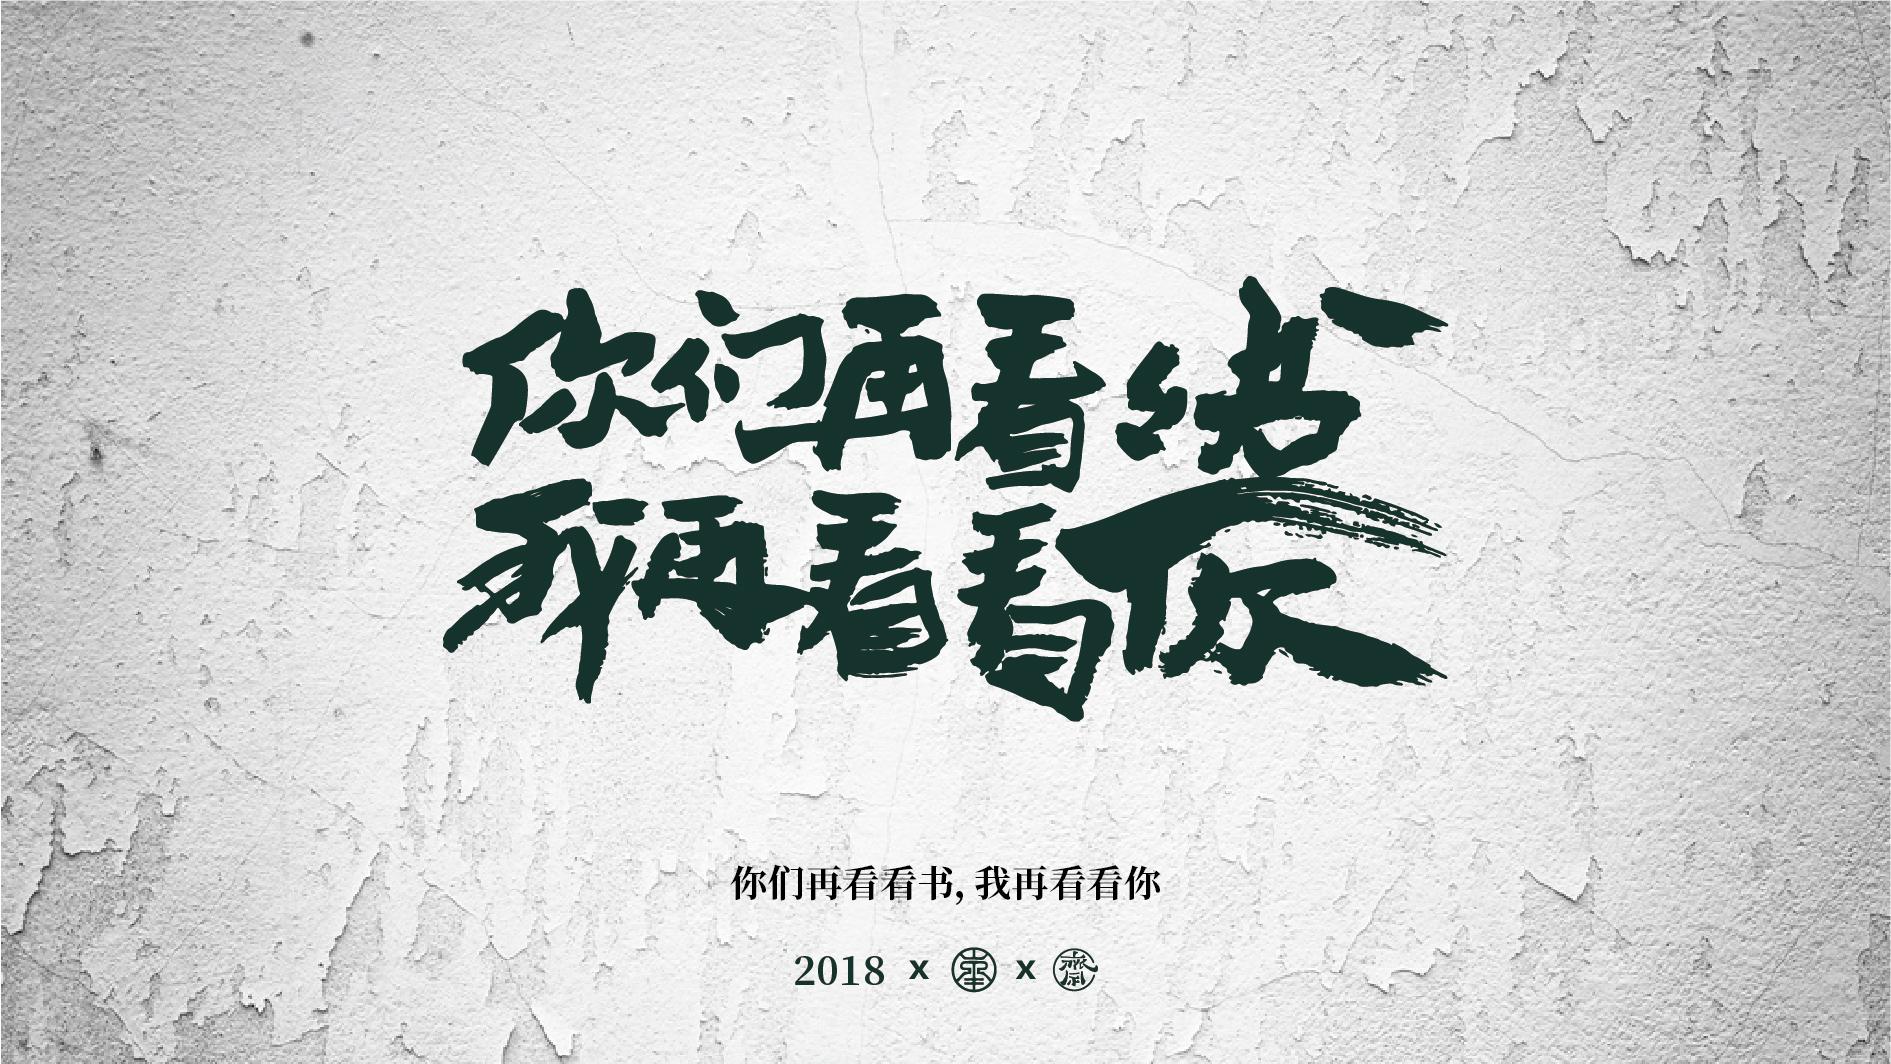 超超大神手写毛笔字第1波 之教师节系列插图(10)